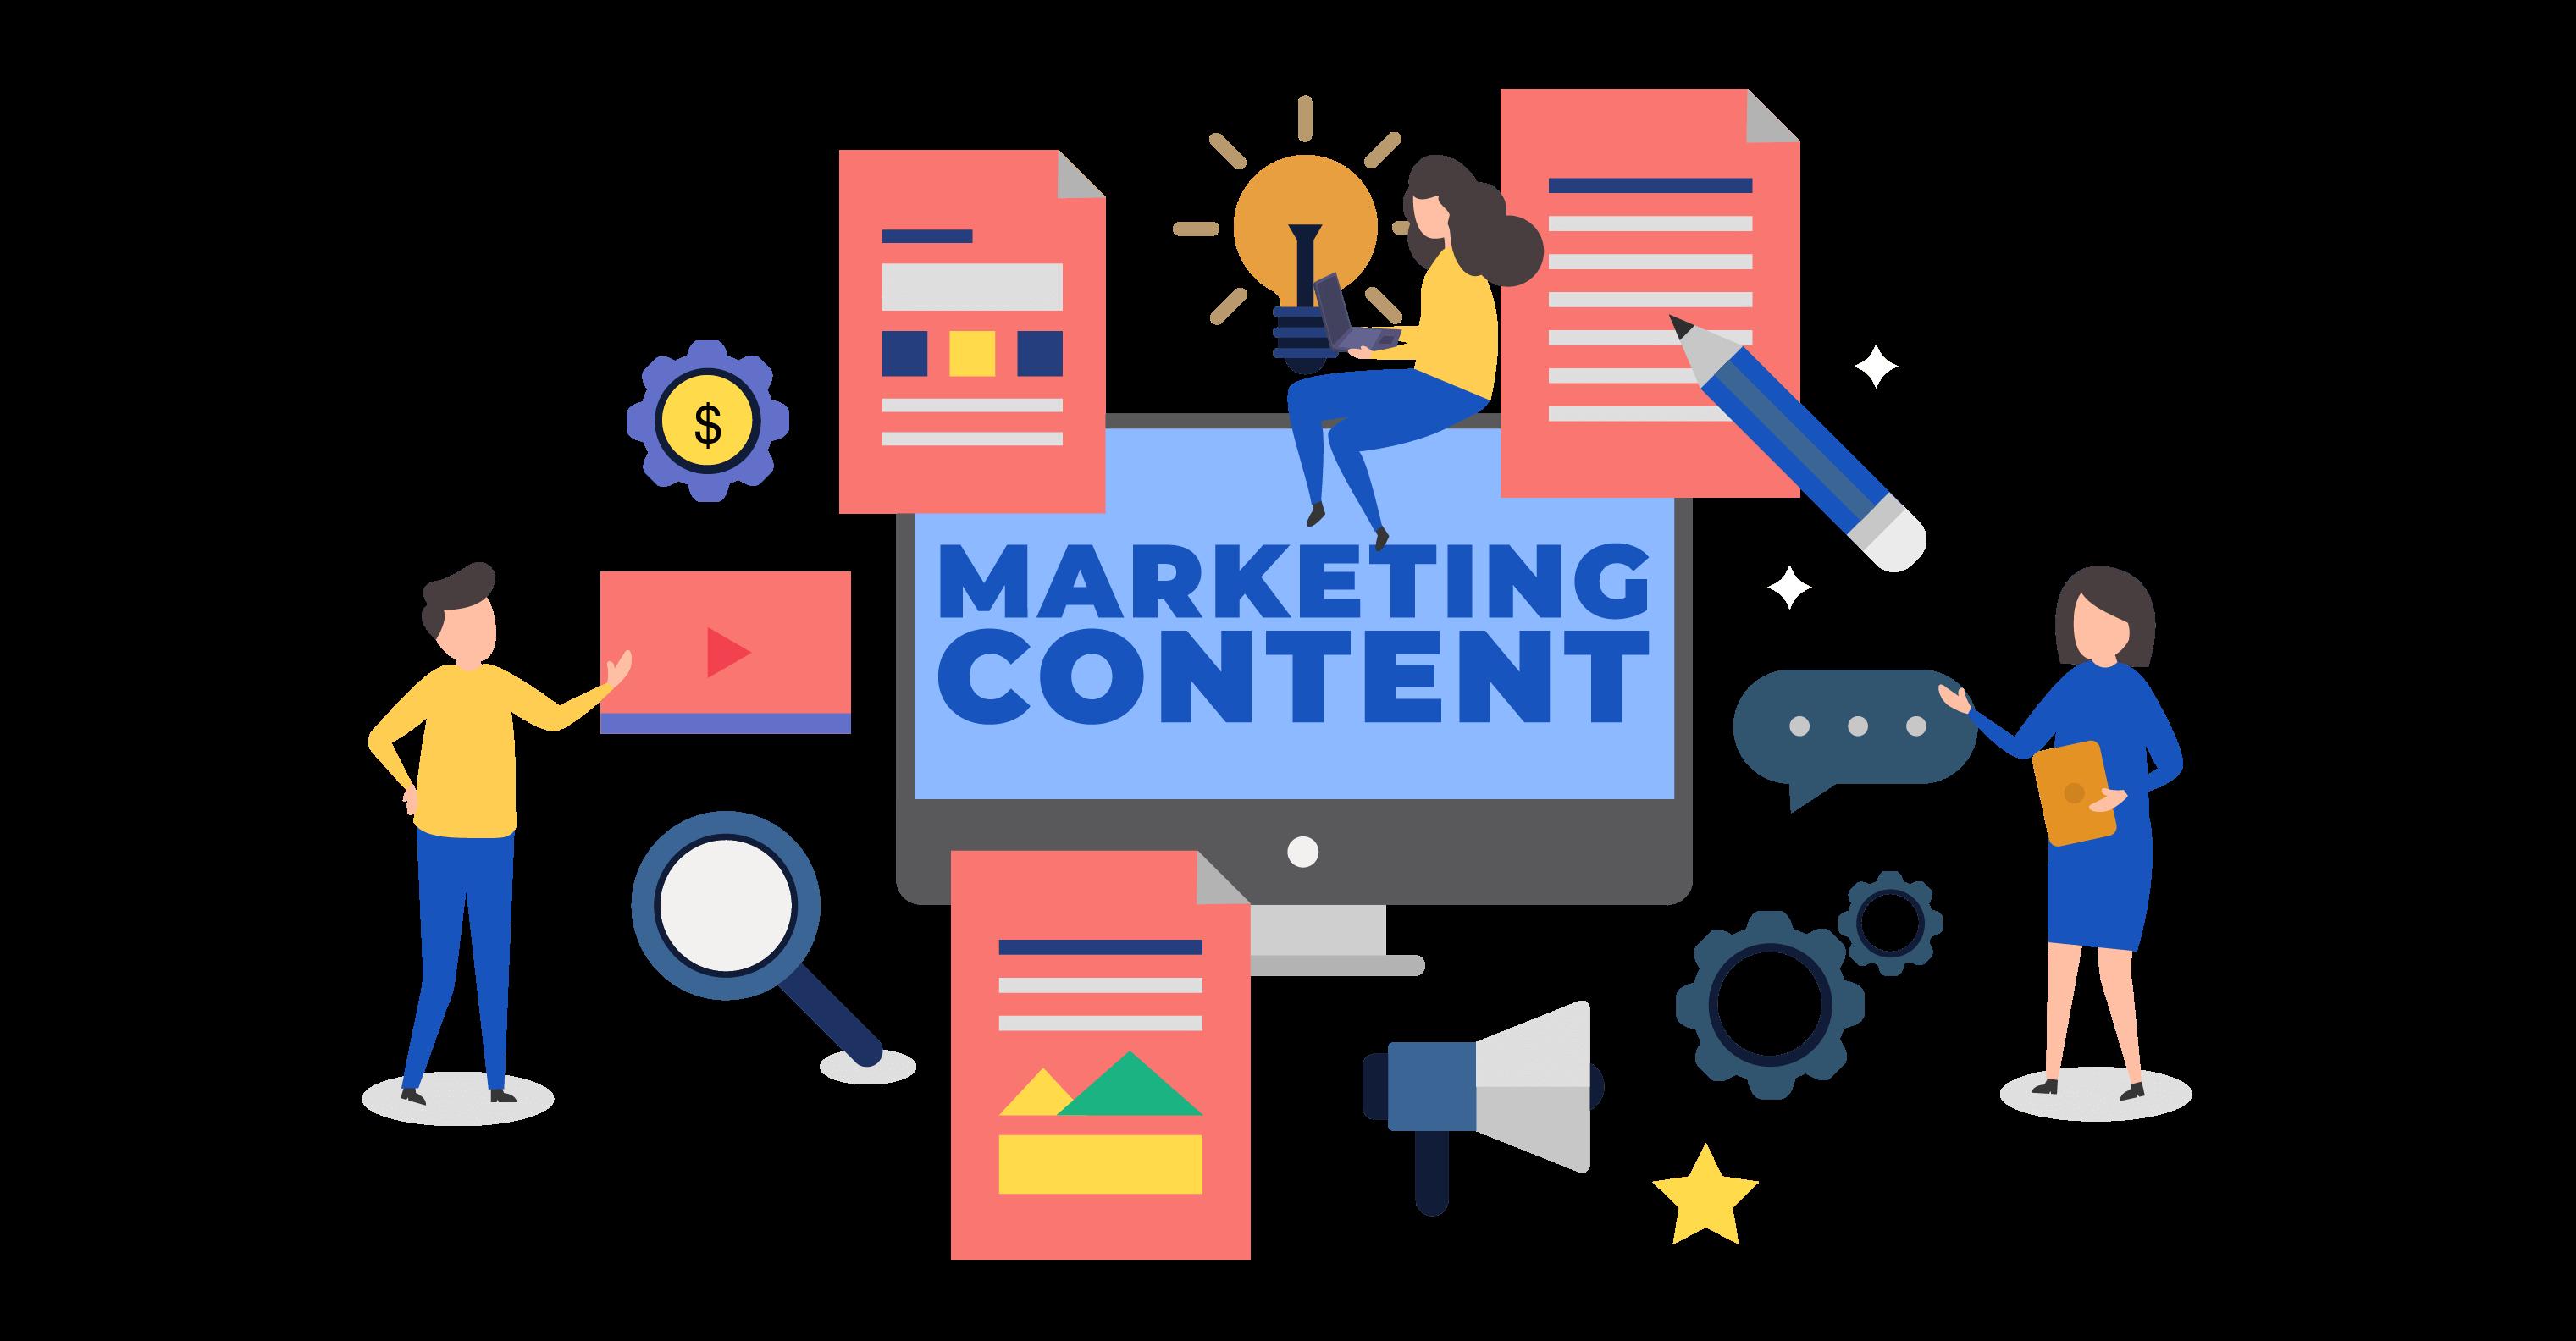 como combinar inbound marketing con Ads para mejorar el  de conversión